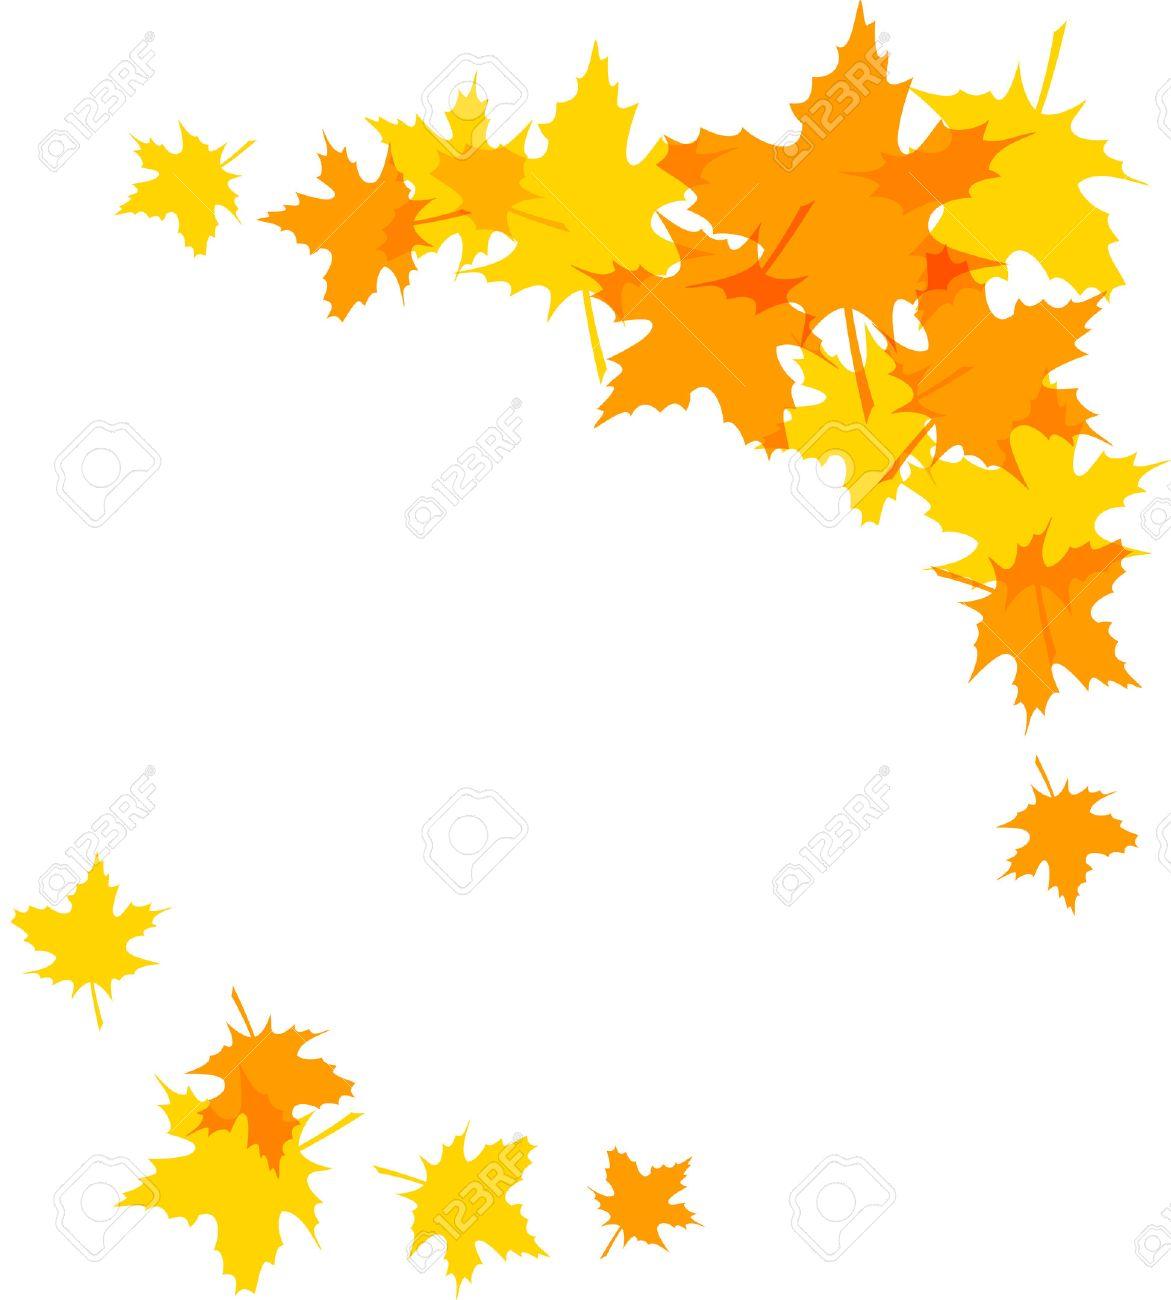 紅葉の飾り枠が白で隔離クリップアートのイラスト素材ベクタ Image